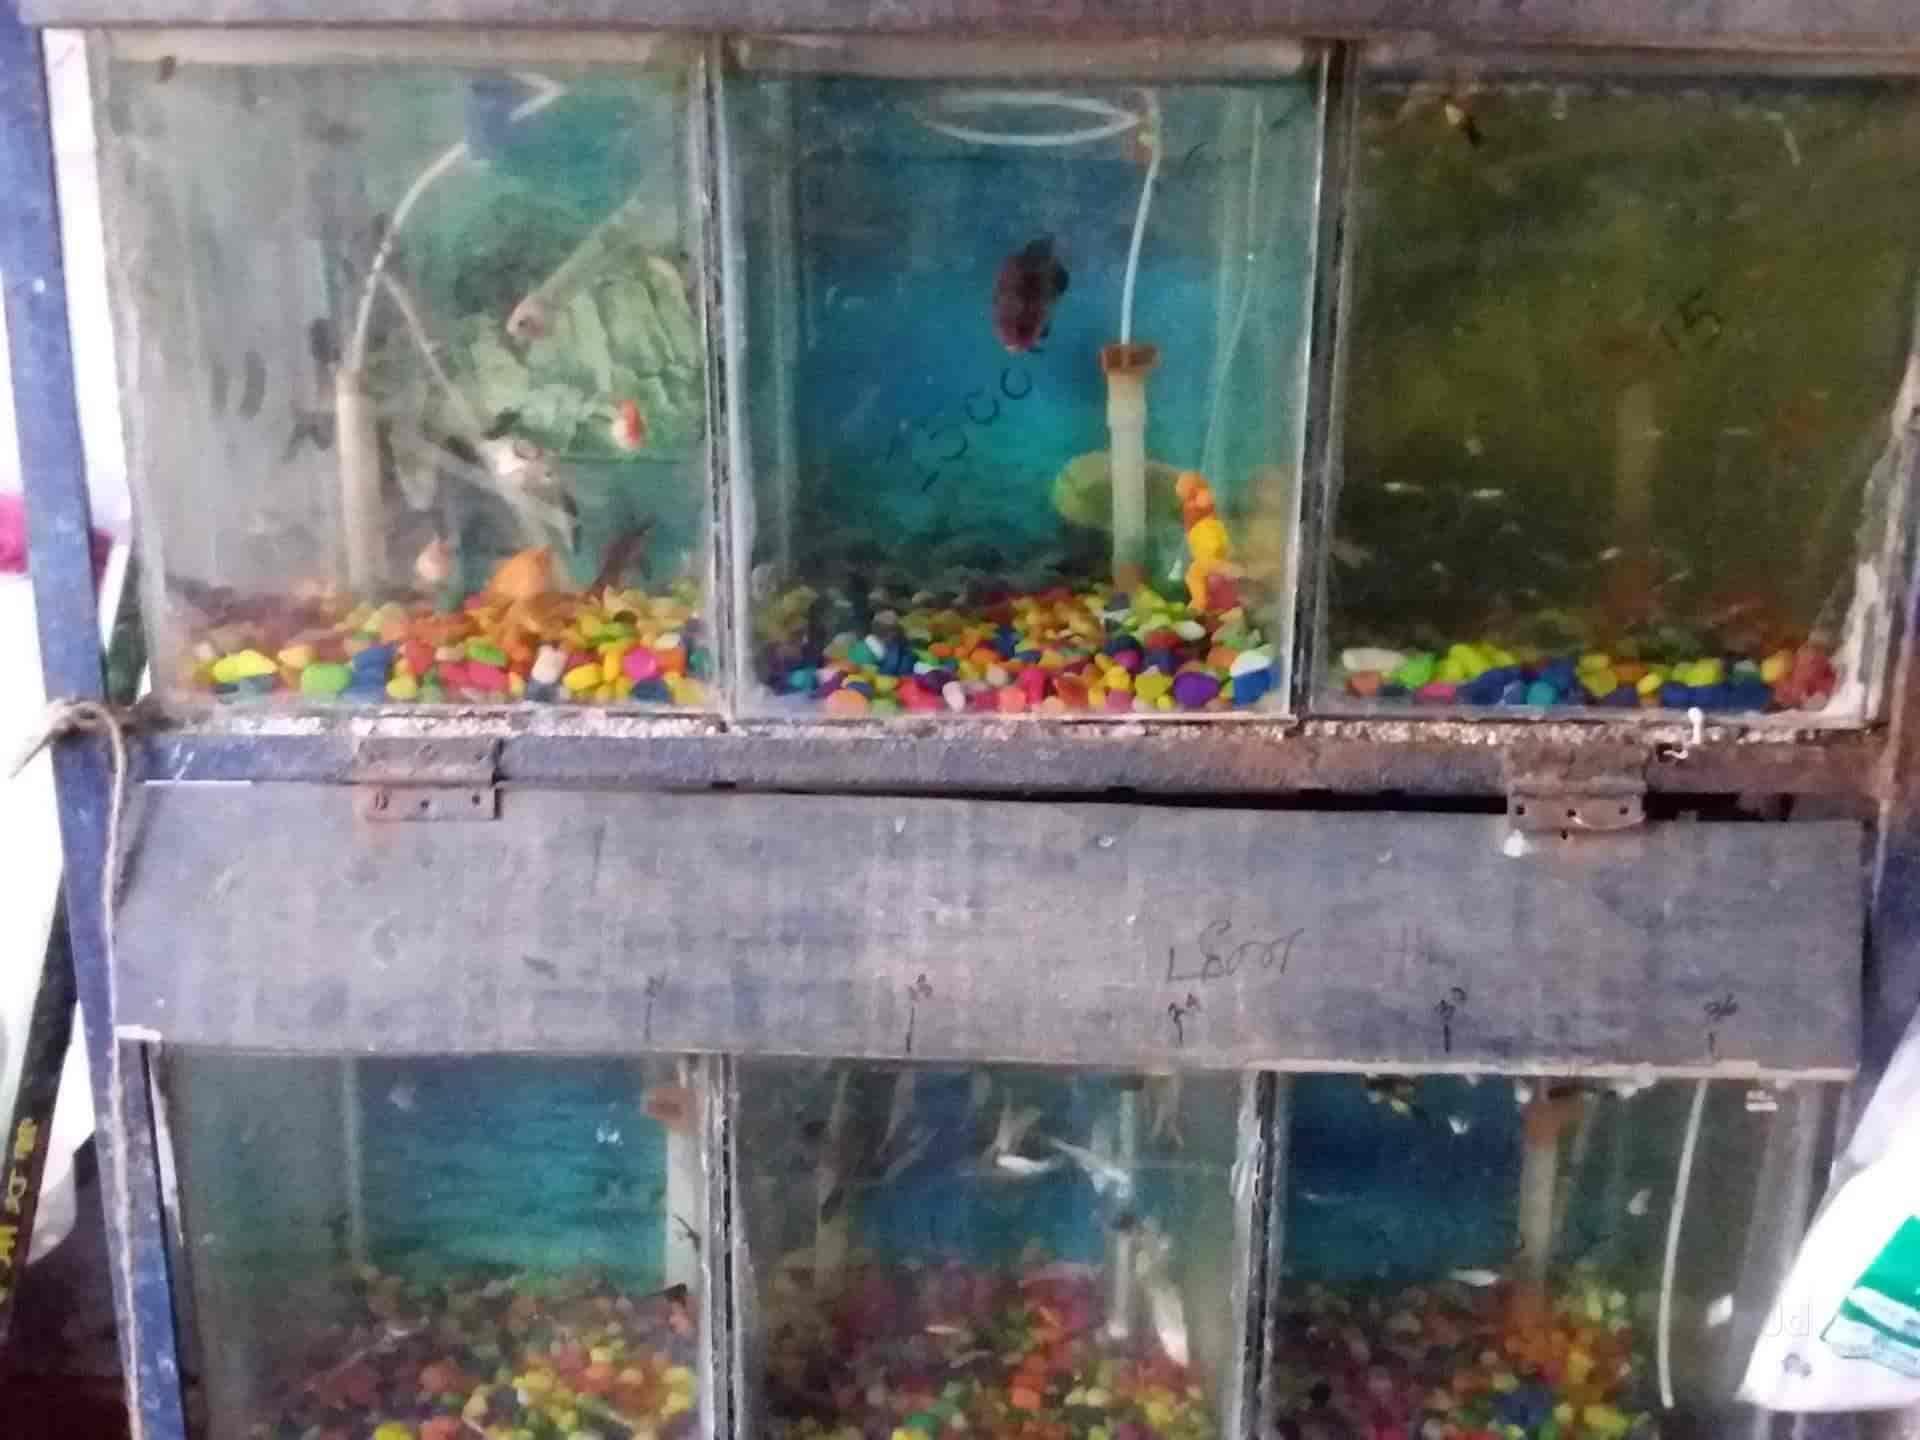 viji aquarium pet center moolakulam pet shops in pondicherry